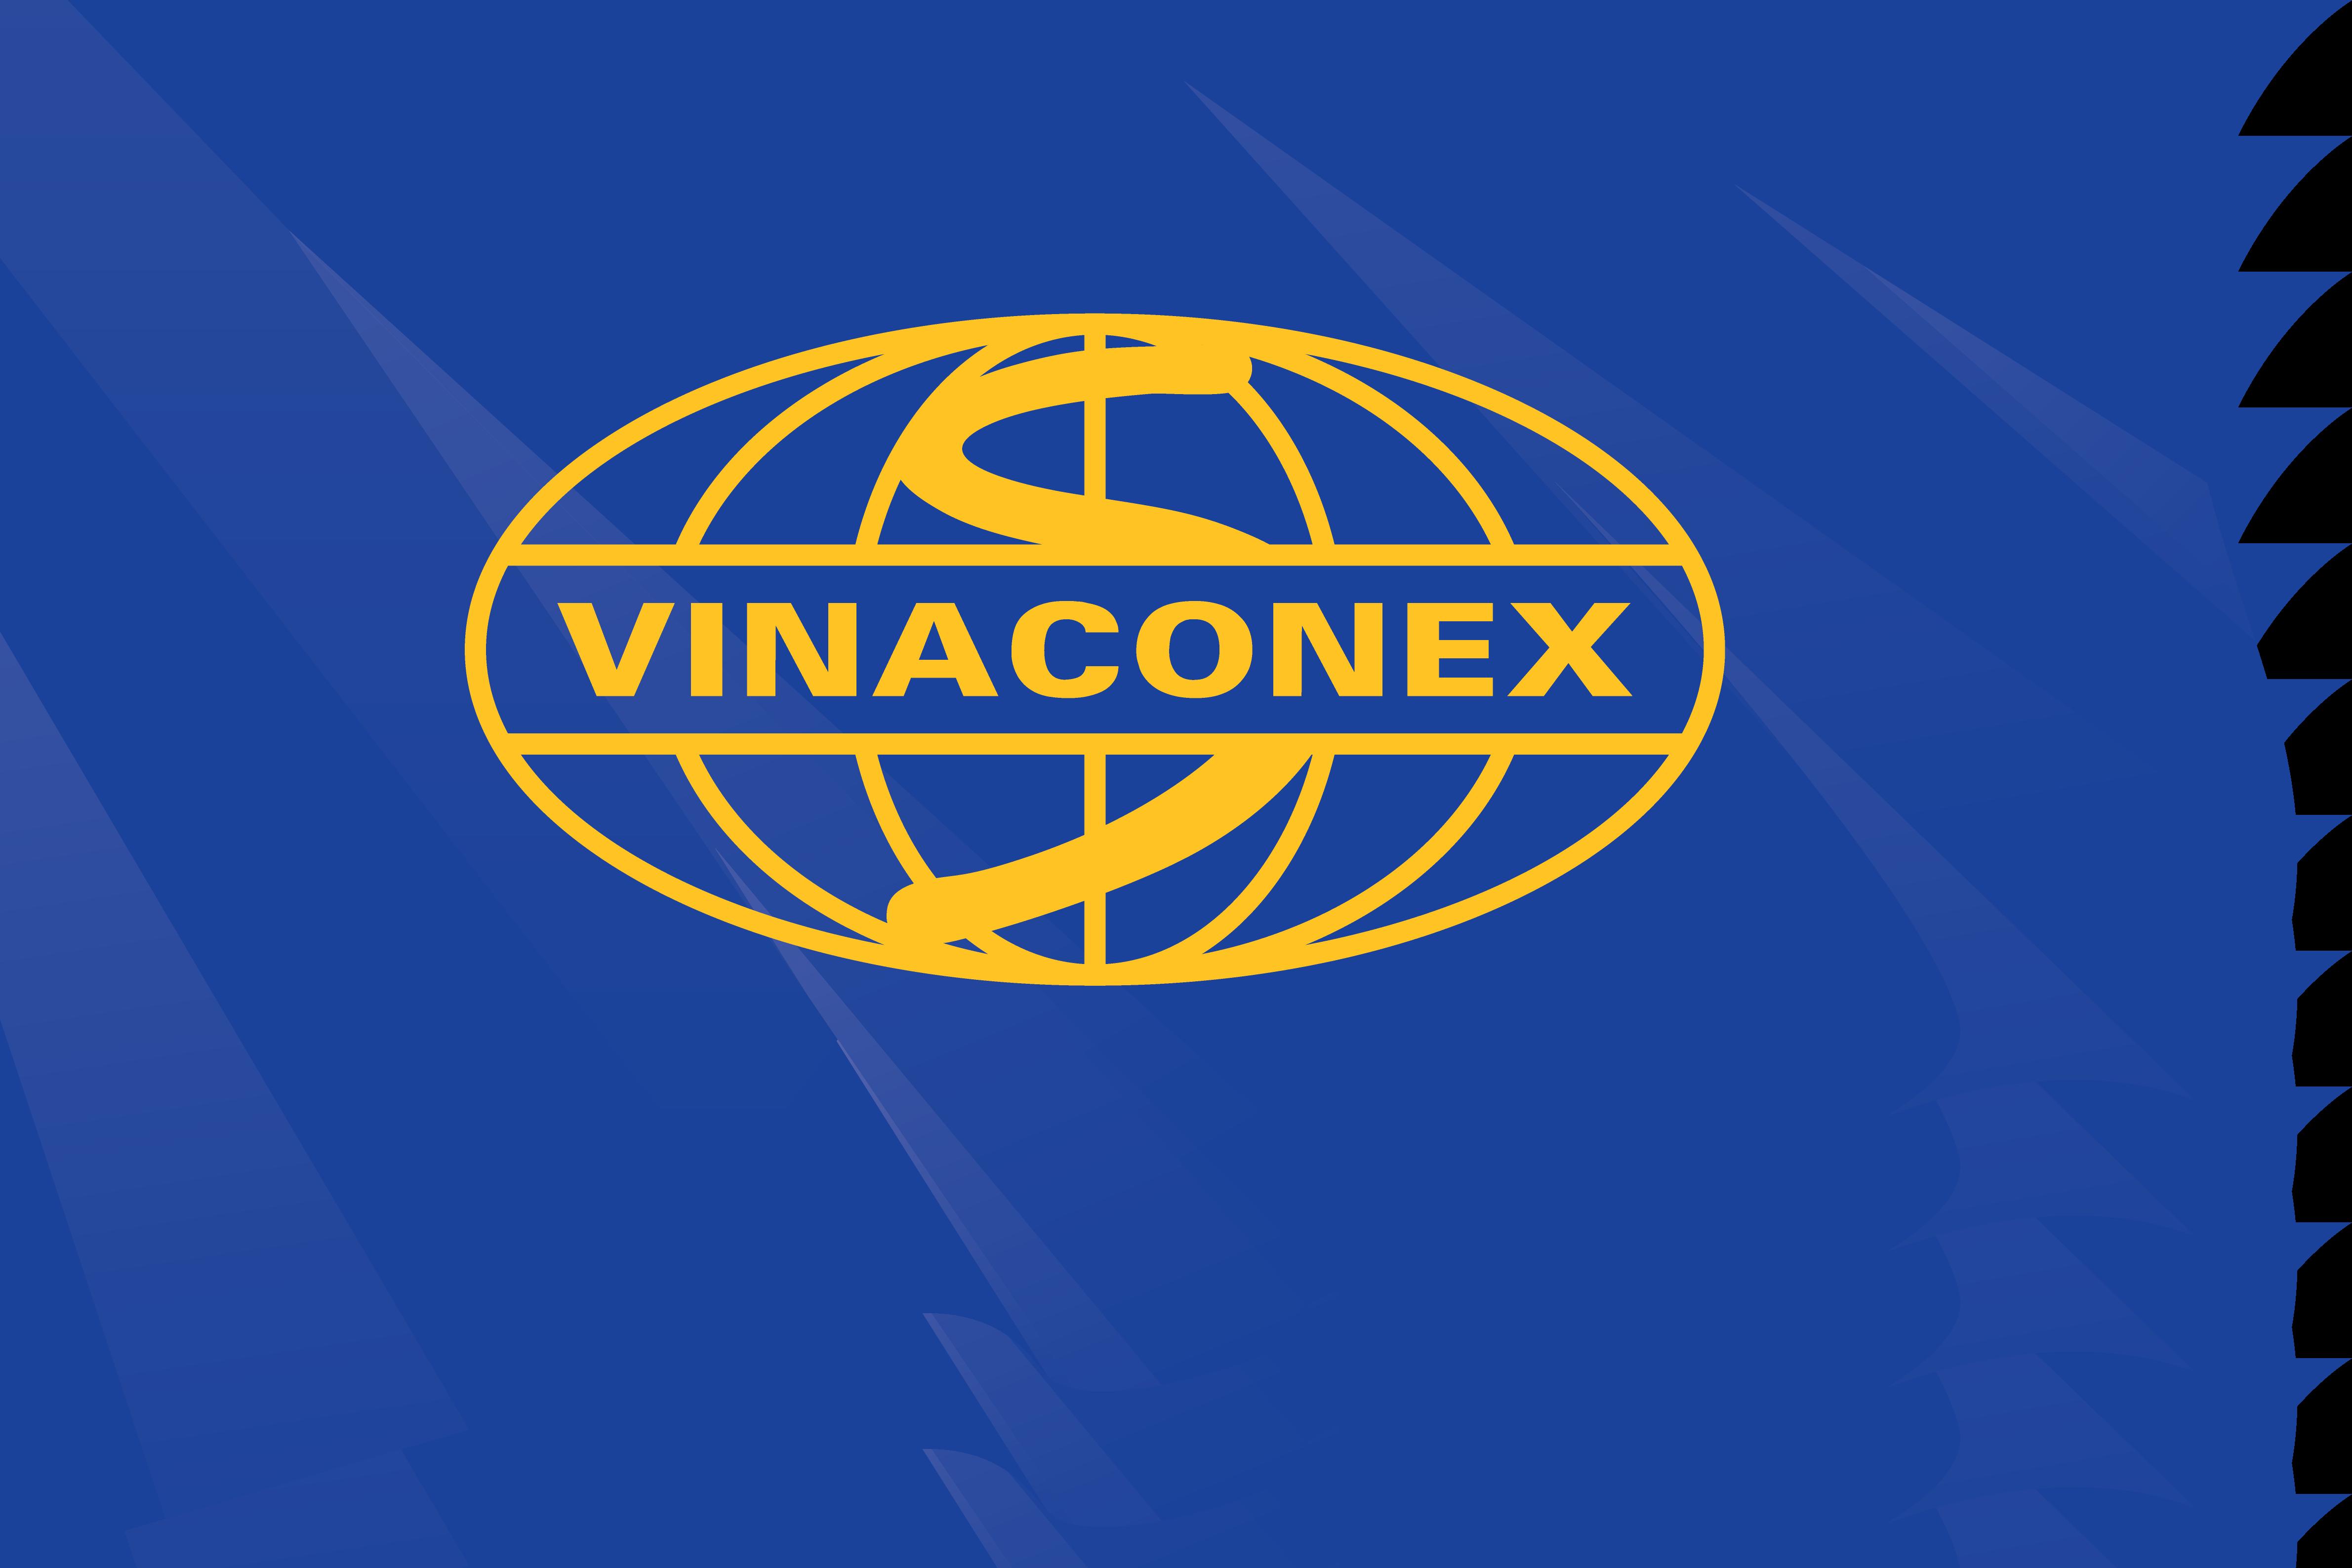 Công ty Cổ phần Tư vấn Xây dựng Vinaconex